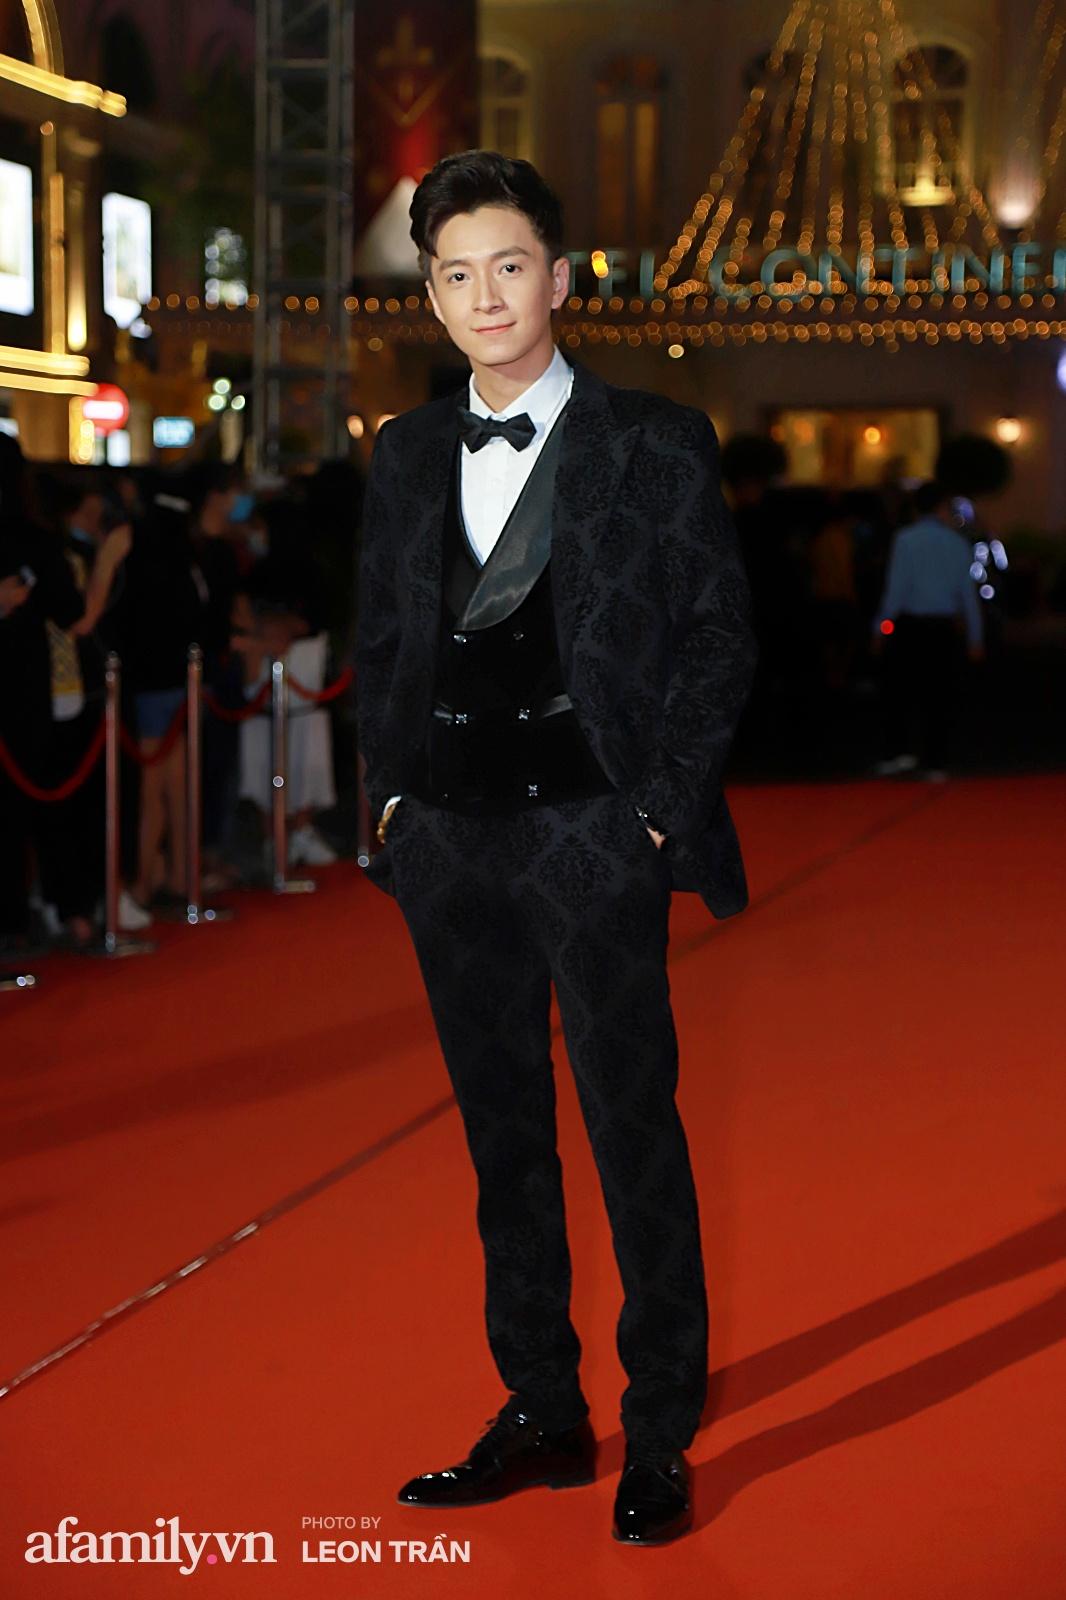 Thảm đỏ lễ trao giải Mai Vàng 26: Nghệ sĩ Hoài Linh gượng cười sau nhiều biến cố, Minh Hằng khoe vòng 1 căng đầy gợi cảm-10